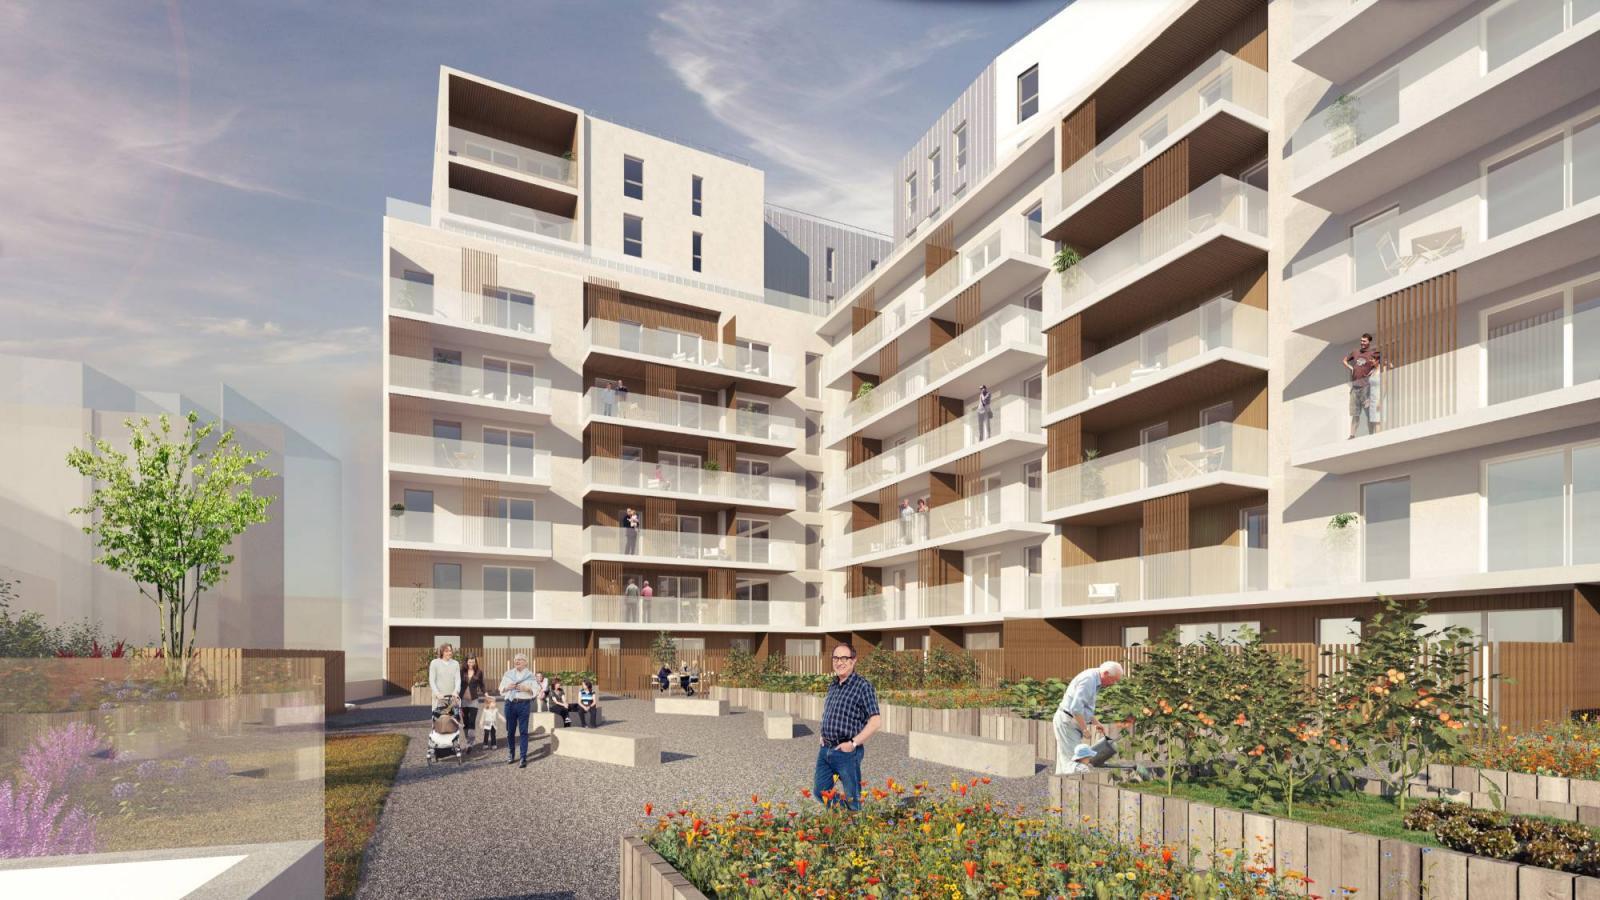 Programme immobilier VAL57 appartement à Annemasse (74100) Centre Ville